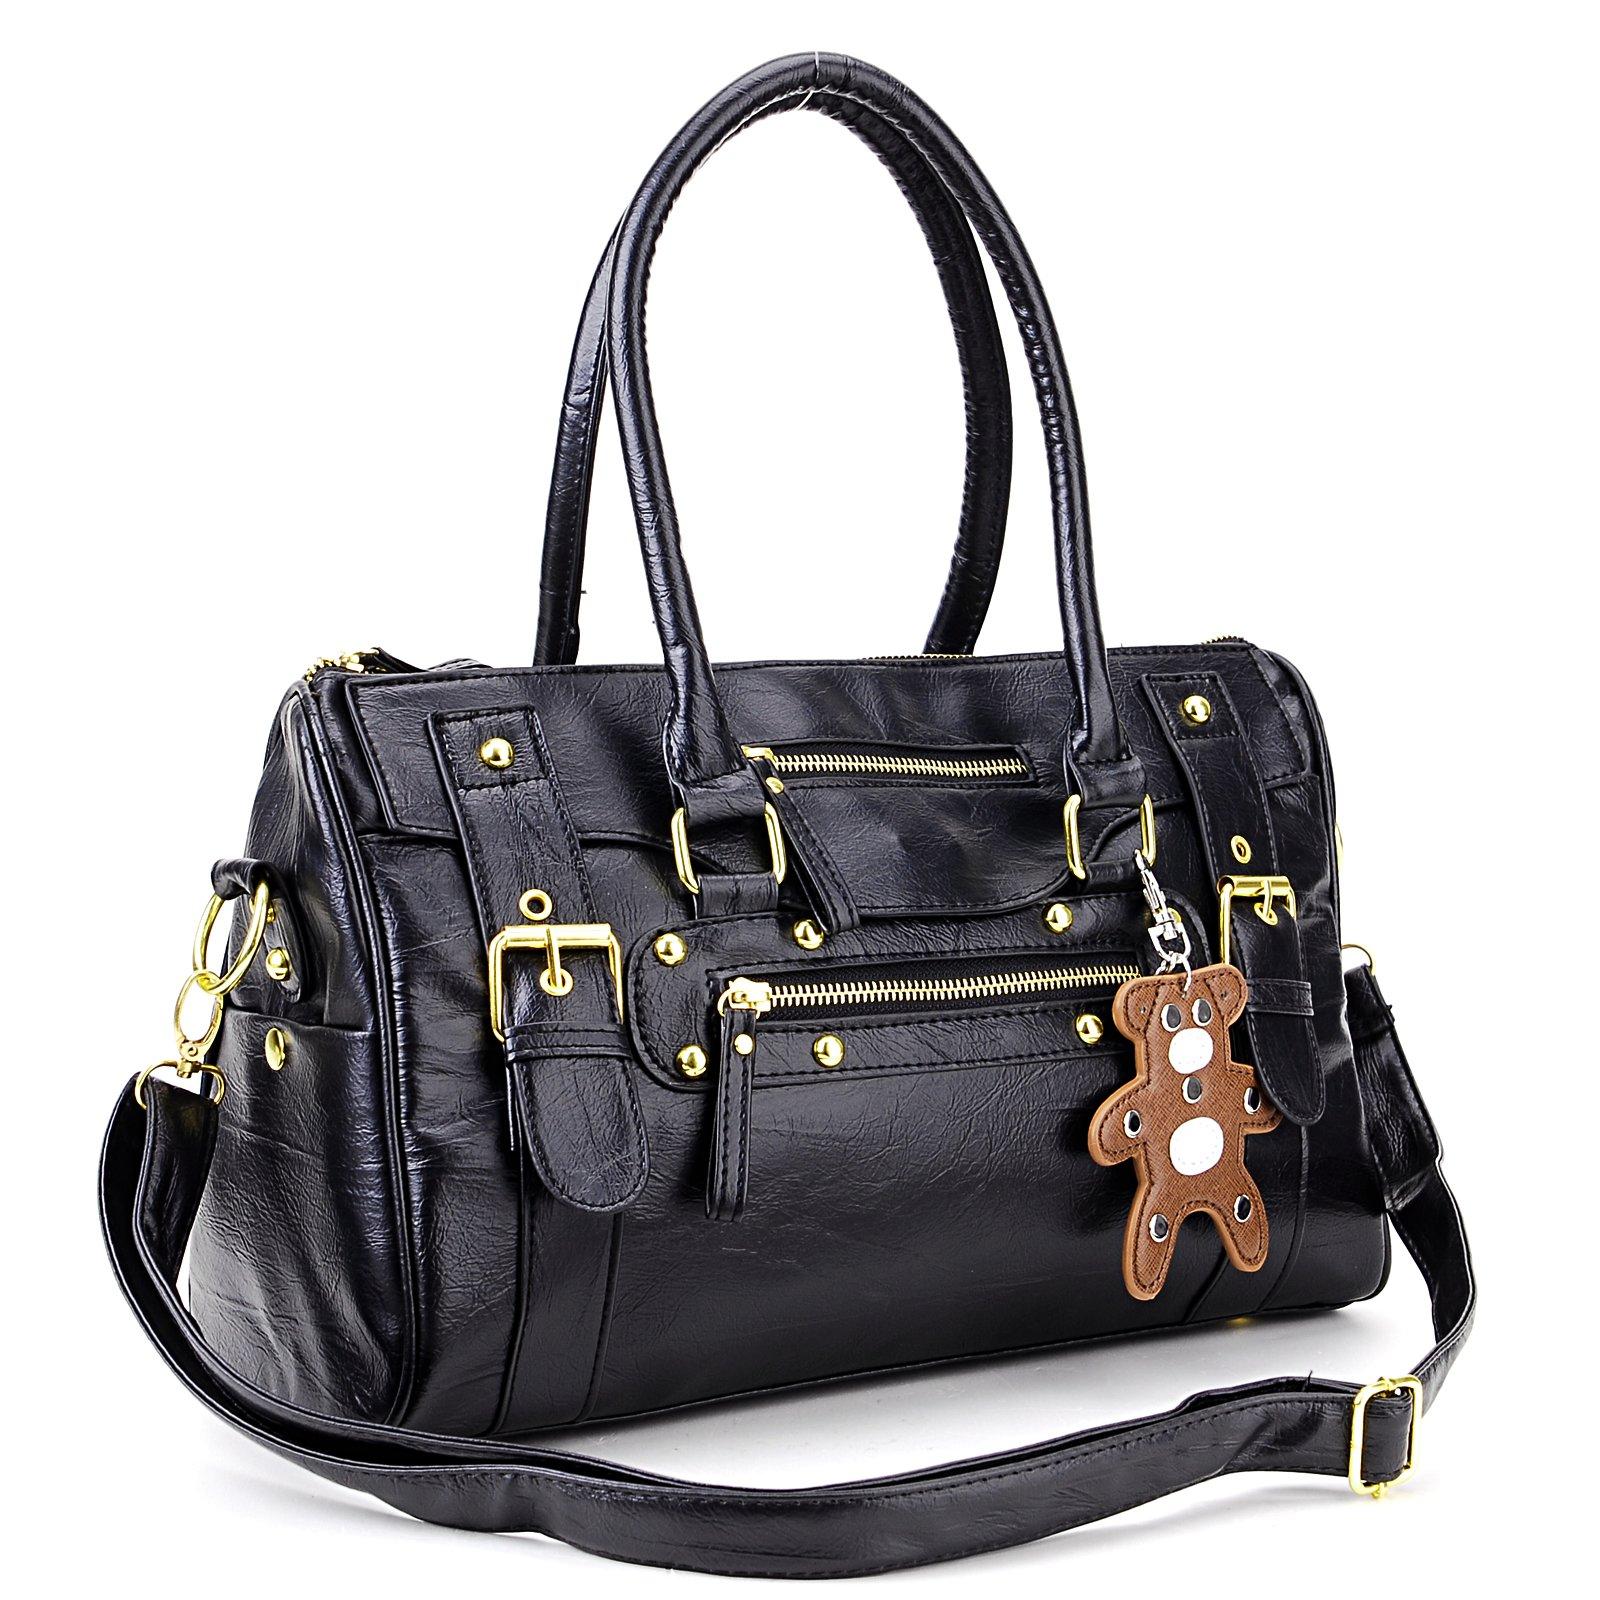 Best buy ) }}Wholesale 10*AUAU Sac a main porte main noir pour femmes cuir PU en rayure rocher